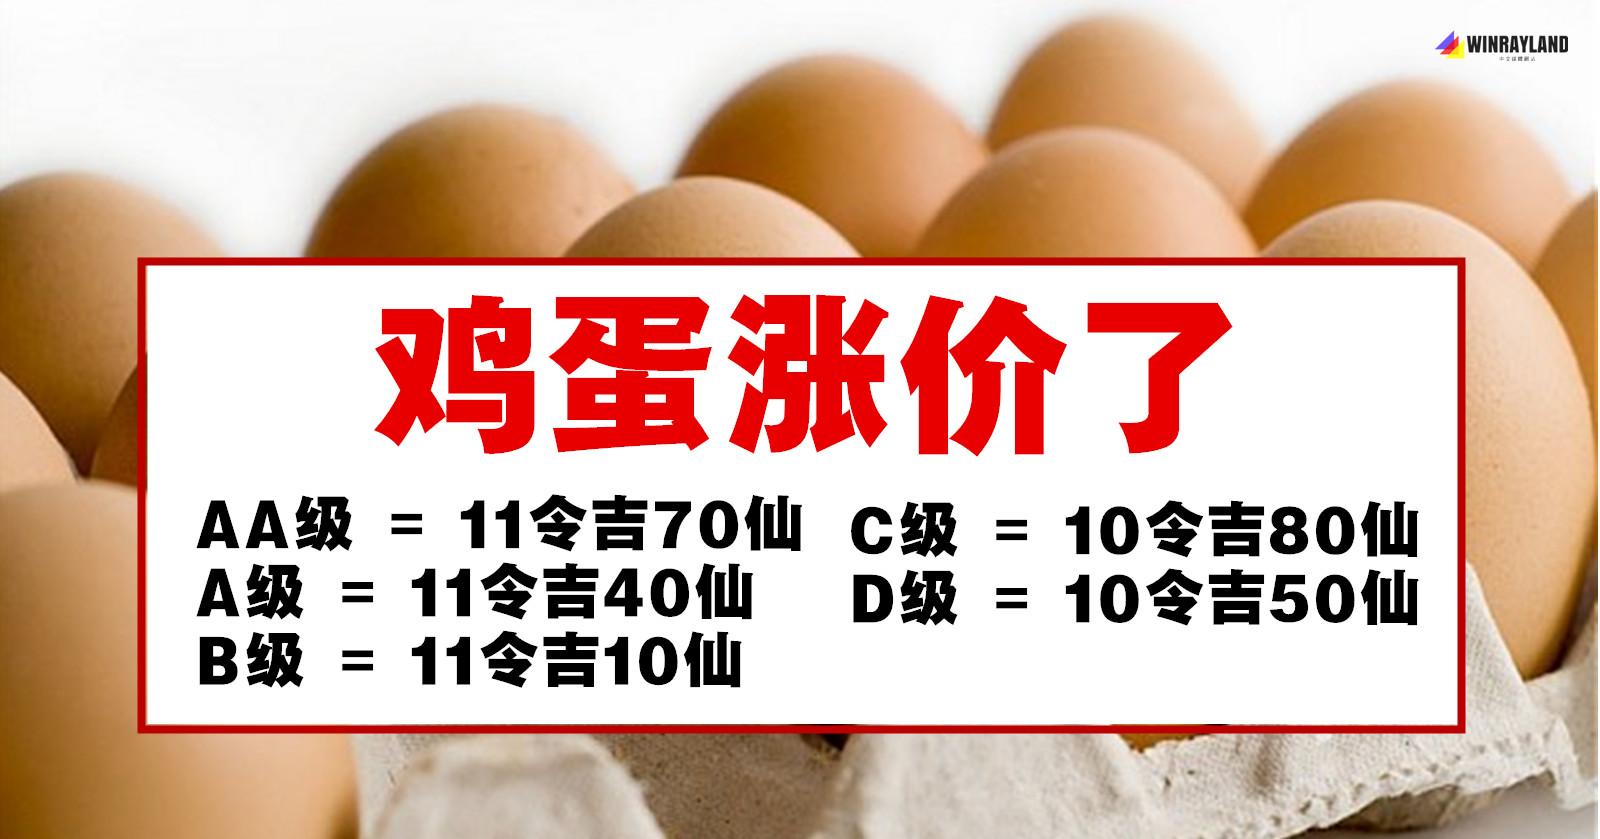 鸡蛋涨价了!